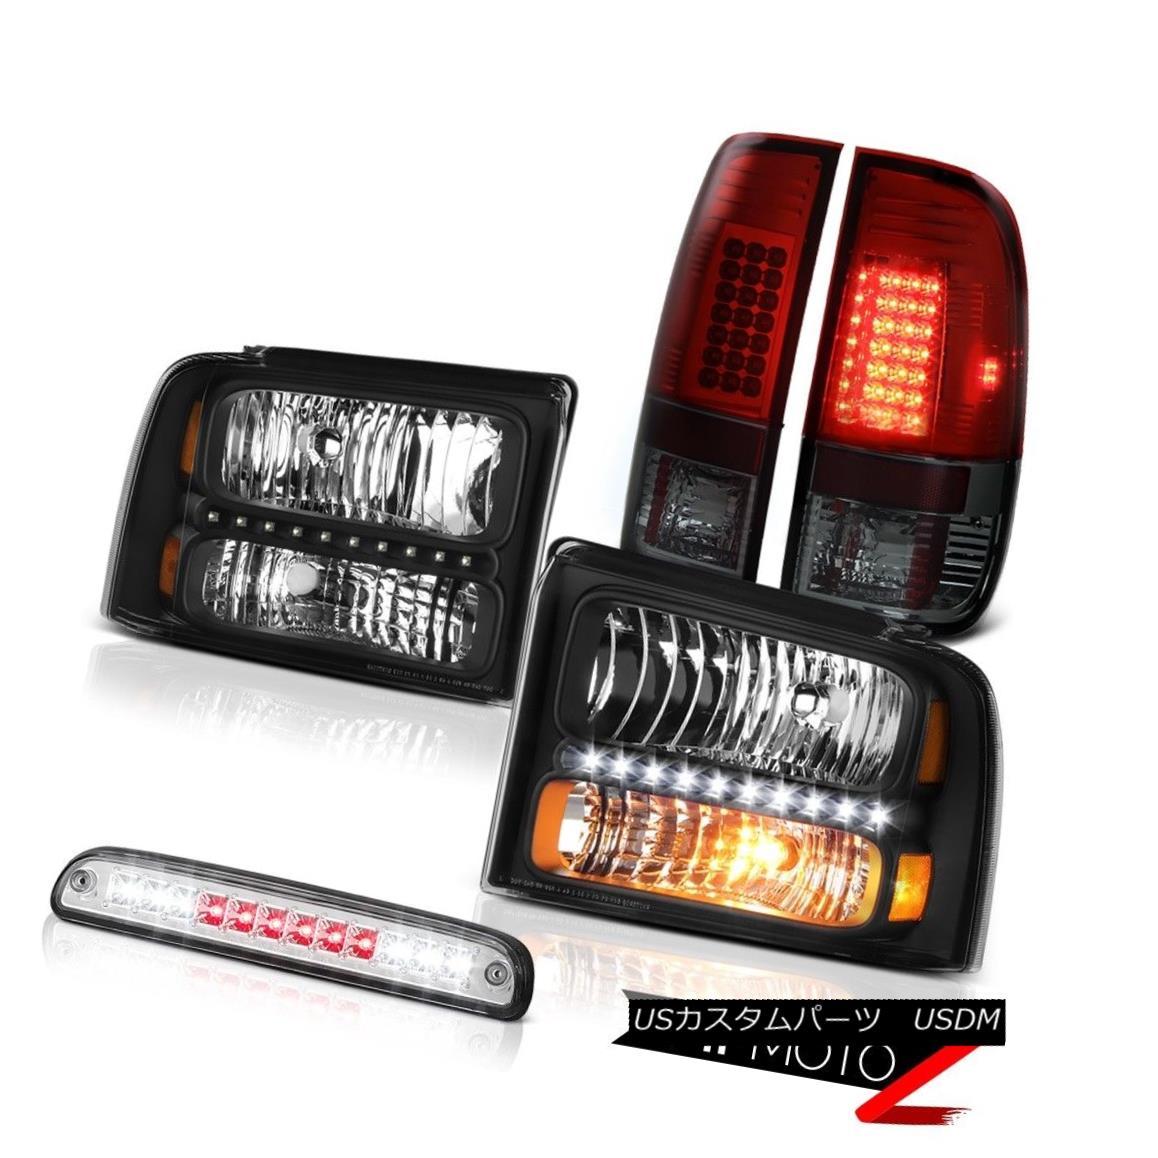 ヘッドライト 05 06 07 F250 XL Pair Black Headlamps Burgundy LED Taillights 3rd Brake Chrome 05 06 07 F250 XLペアブラックヘッドランプブルゴーニュLEDテールライト3rdブレーキクローム